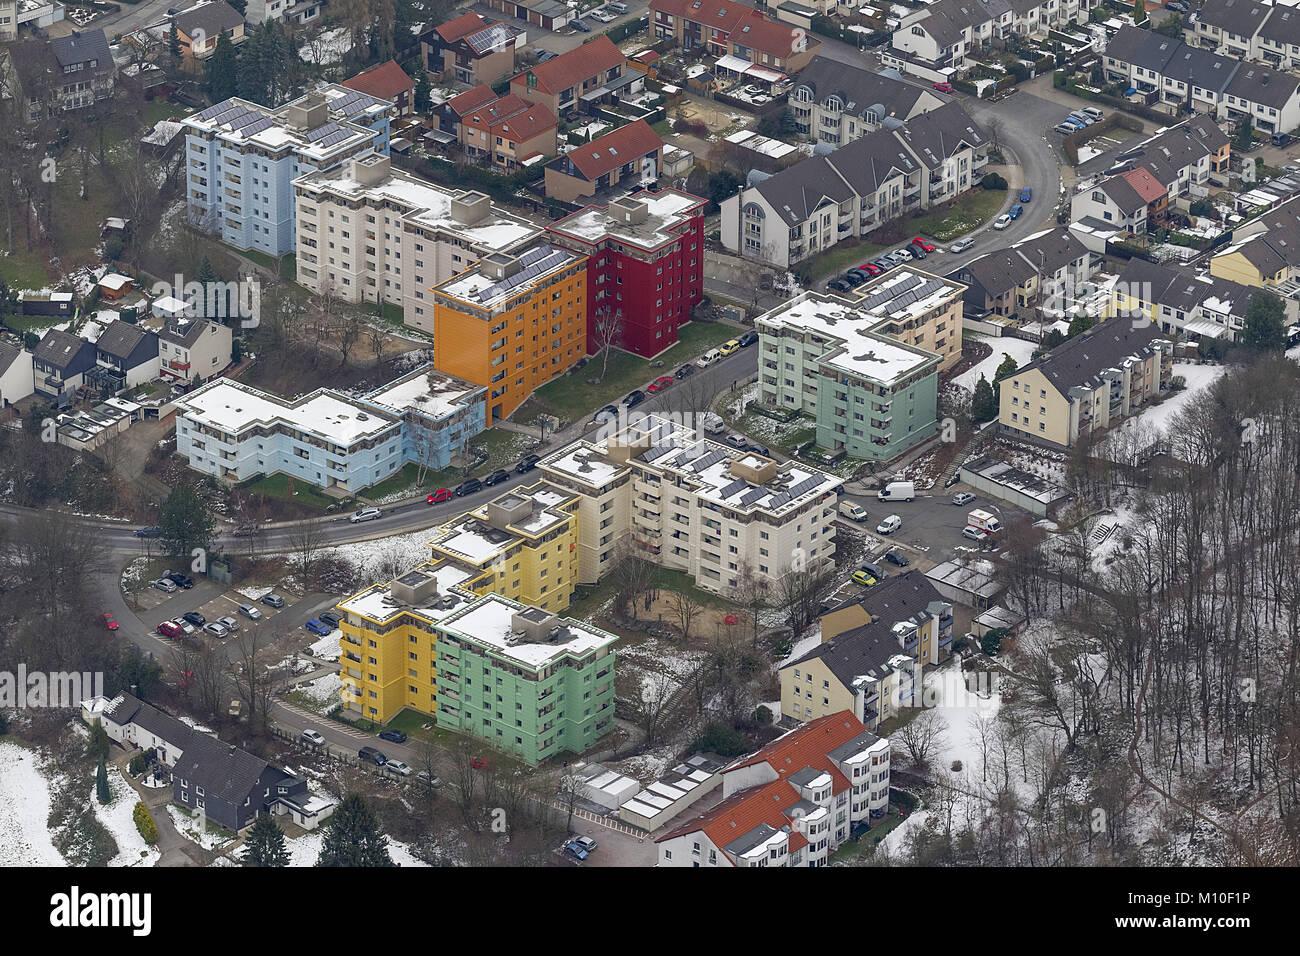 Vista aerea, Tücking e colorati di grattacieli Höxterstraße, Hasp, Hagen, Sauerland, Renania settentrionale Immagini Stock